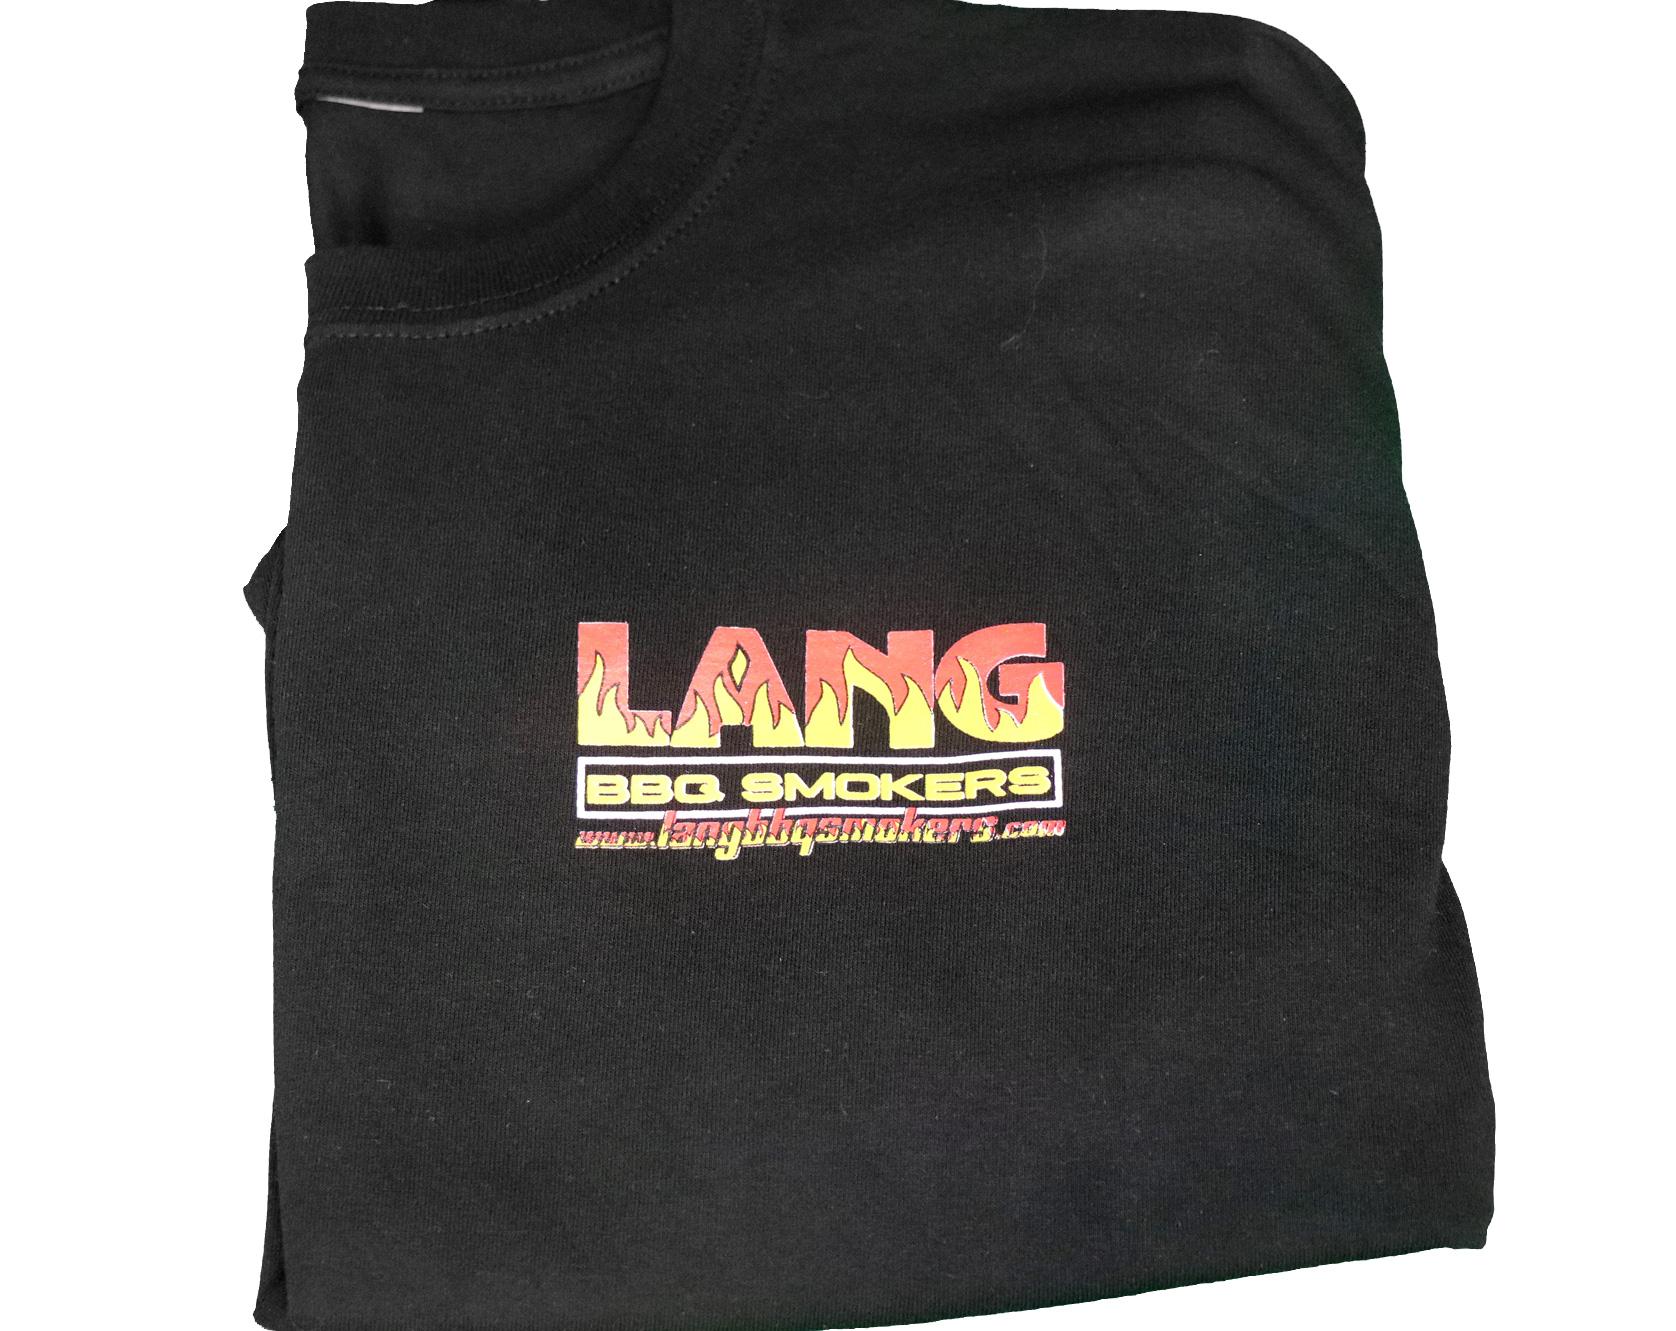 New Unisex Black Lang BBQ Smokers® T-Shirt